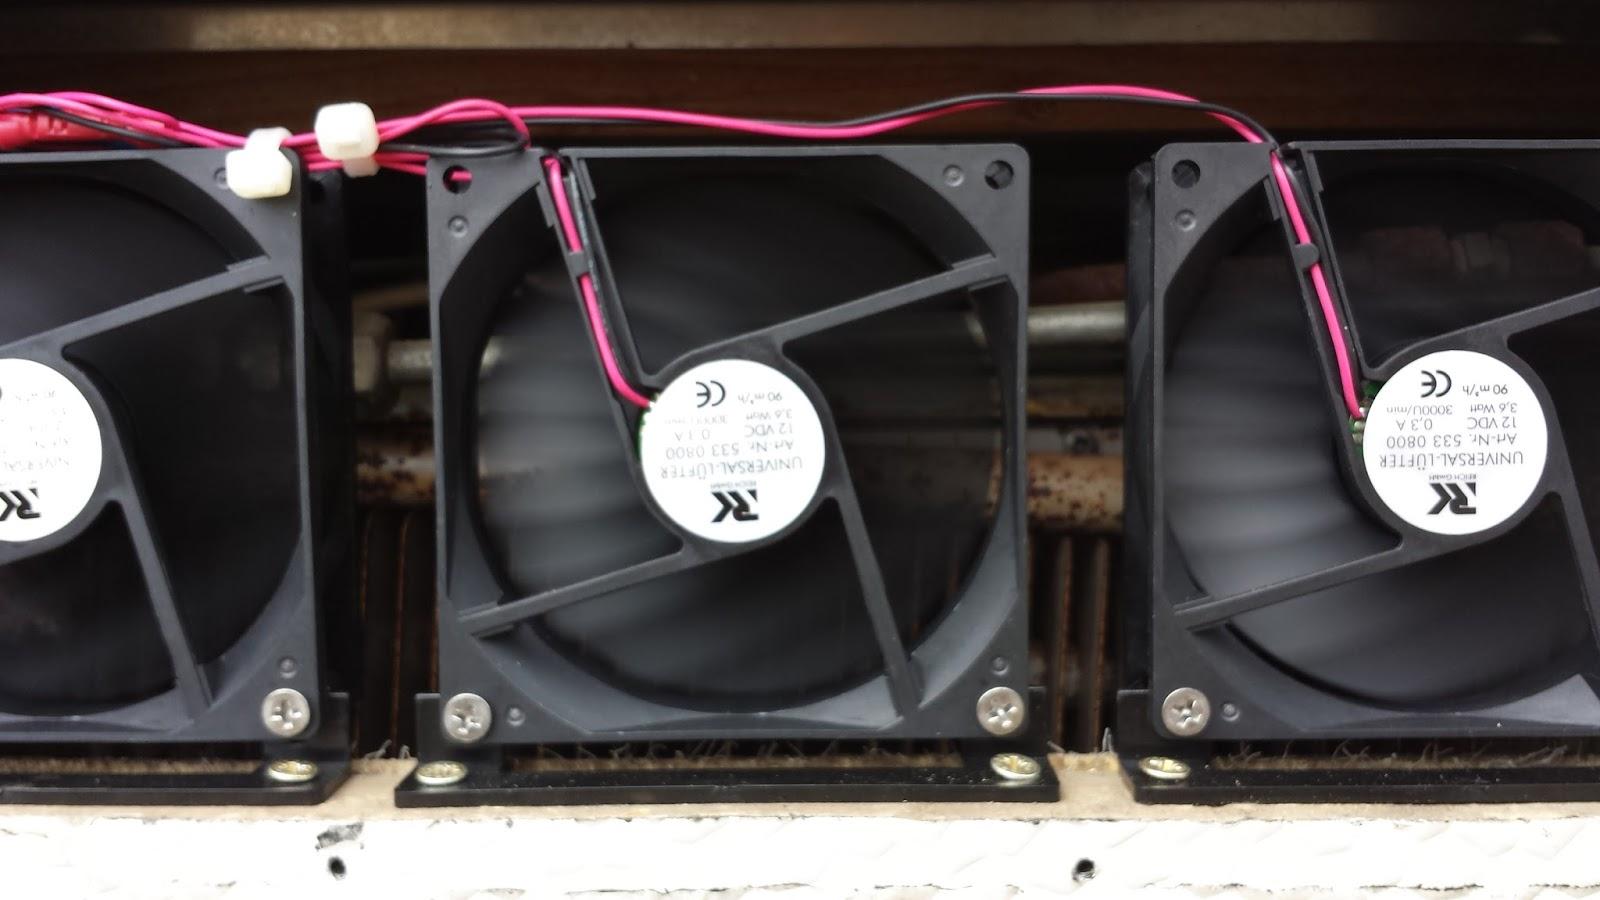 Red Bull Kühlschrank Lüfter : Red bull kühlschrank lüfter wohnwagen kühlschrank elsie gomez